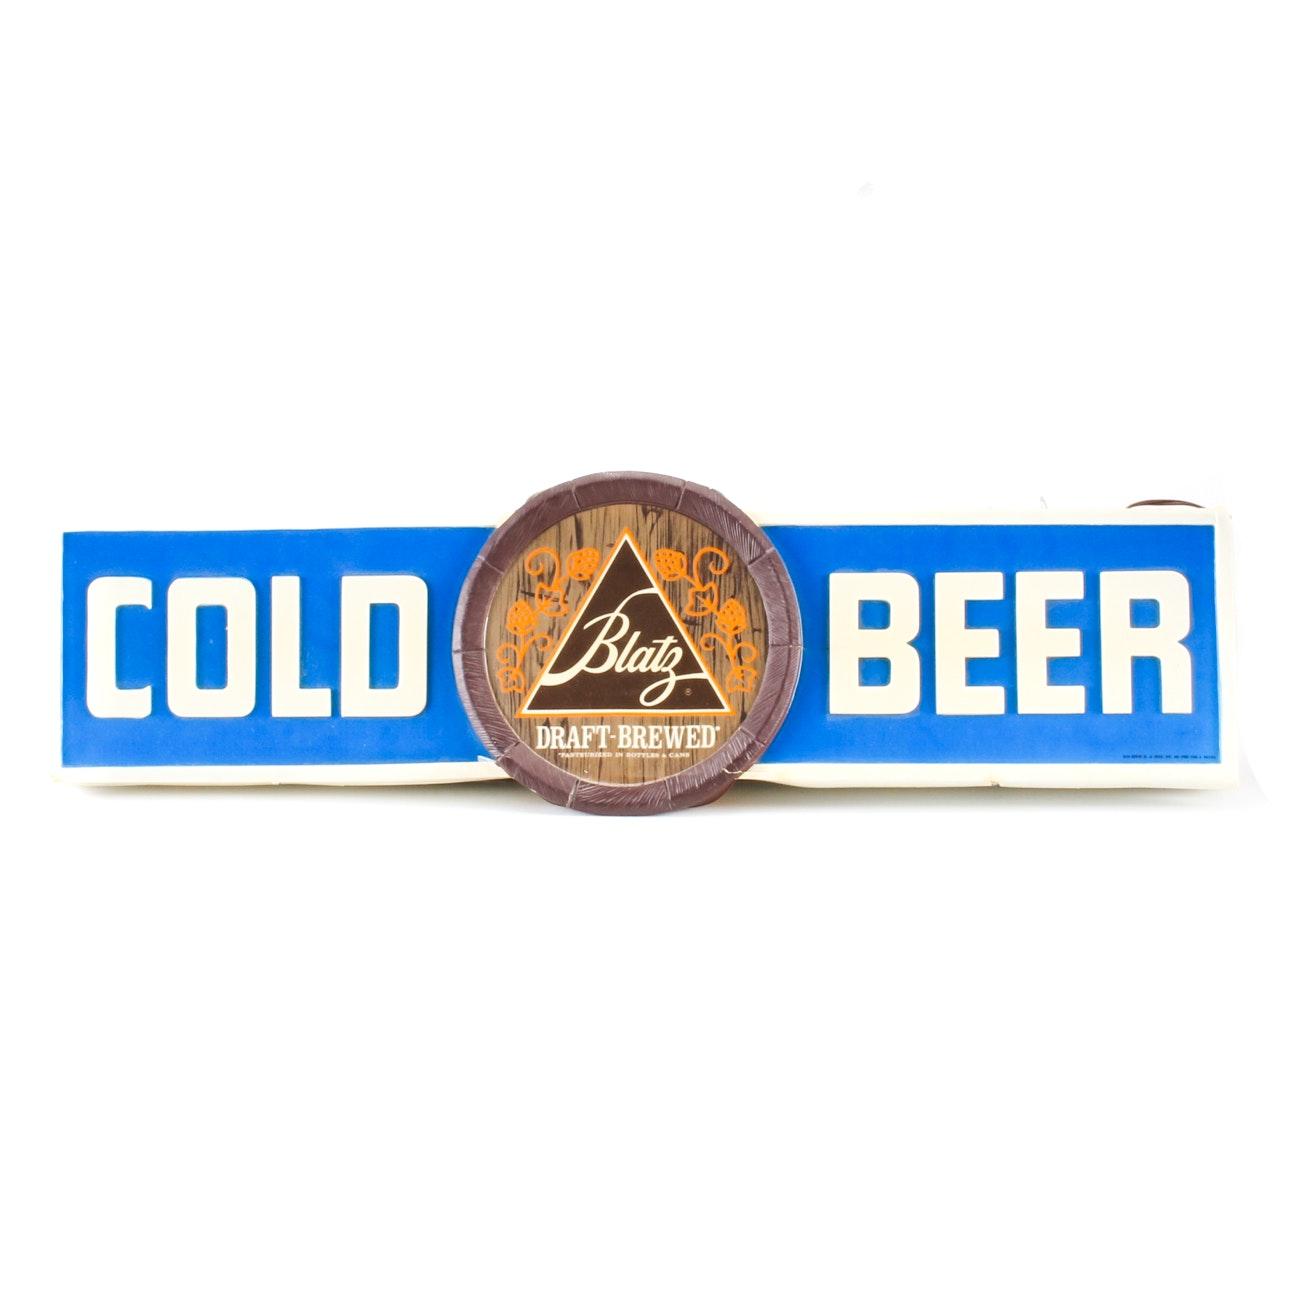 Blatz Beer Store Sign